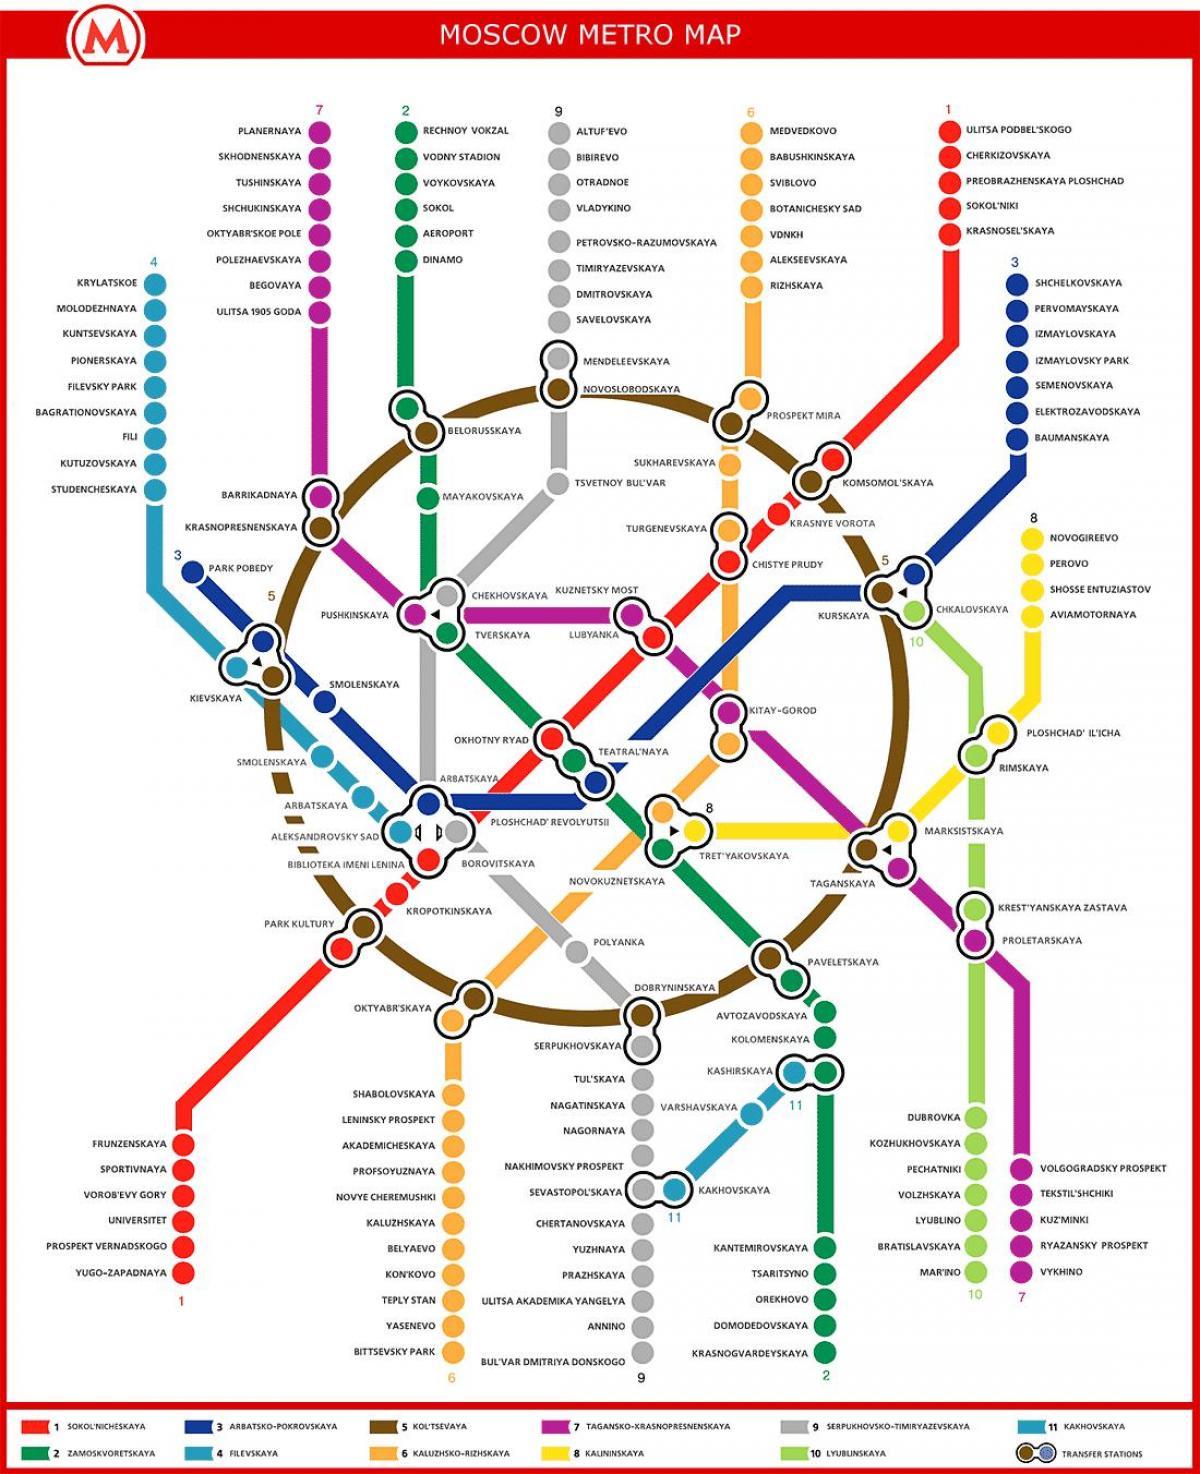 maps térkép A moszkvai metró térkép orosz   Moszkva metró térkép orosz  maps térkép